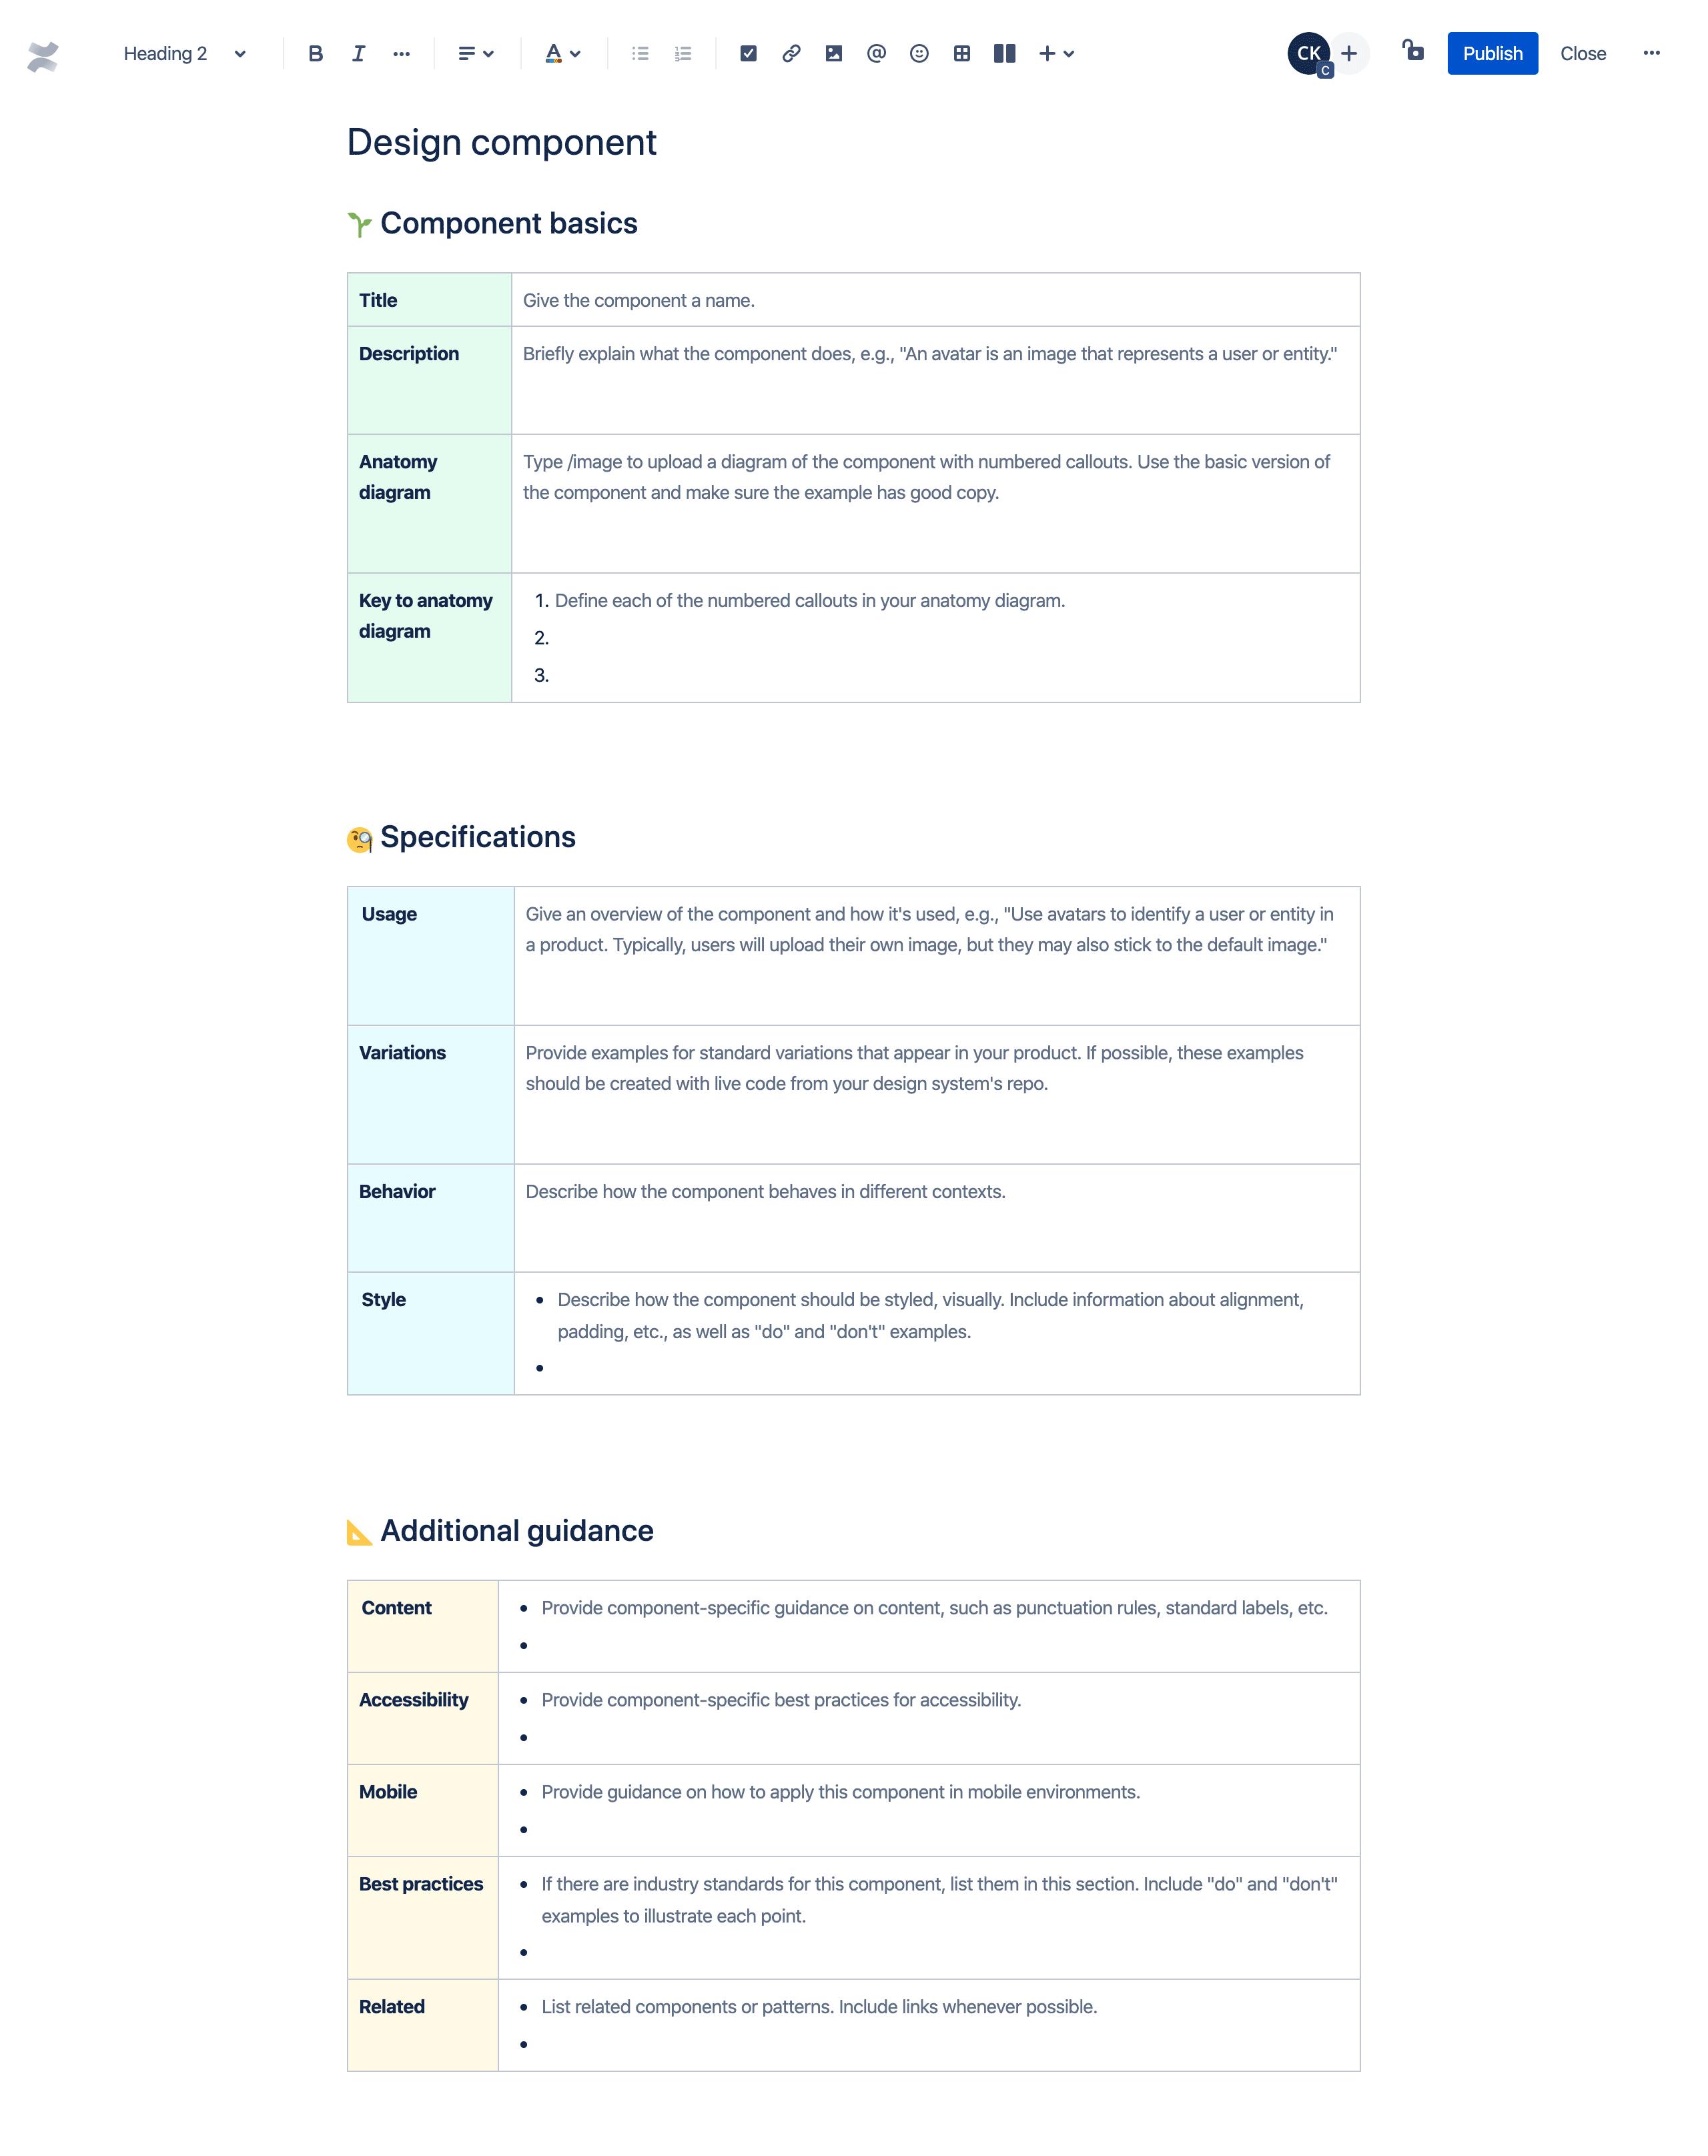 Vorlage: Designkomponente